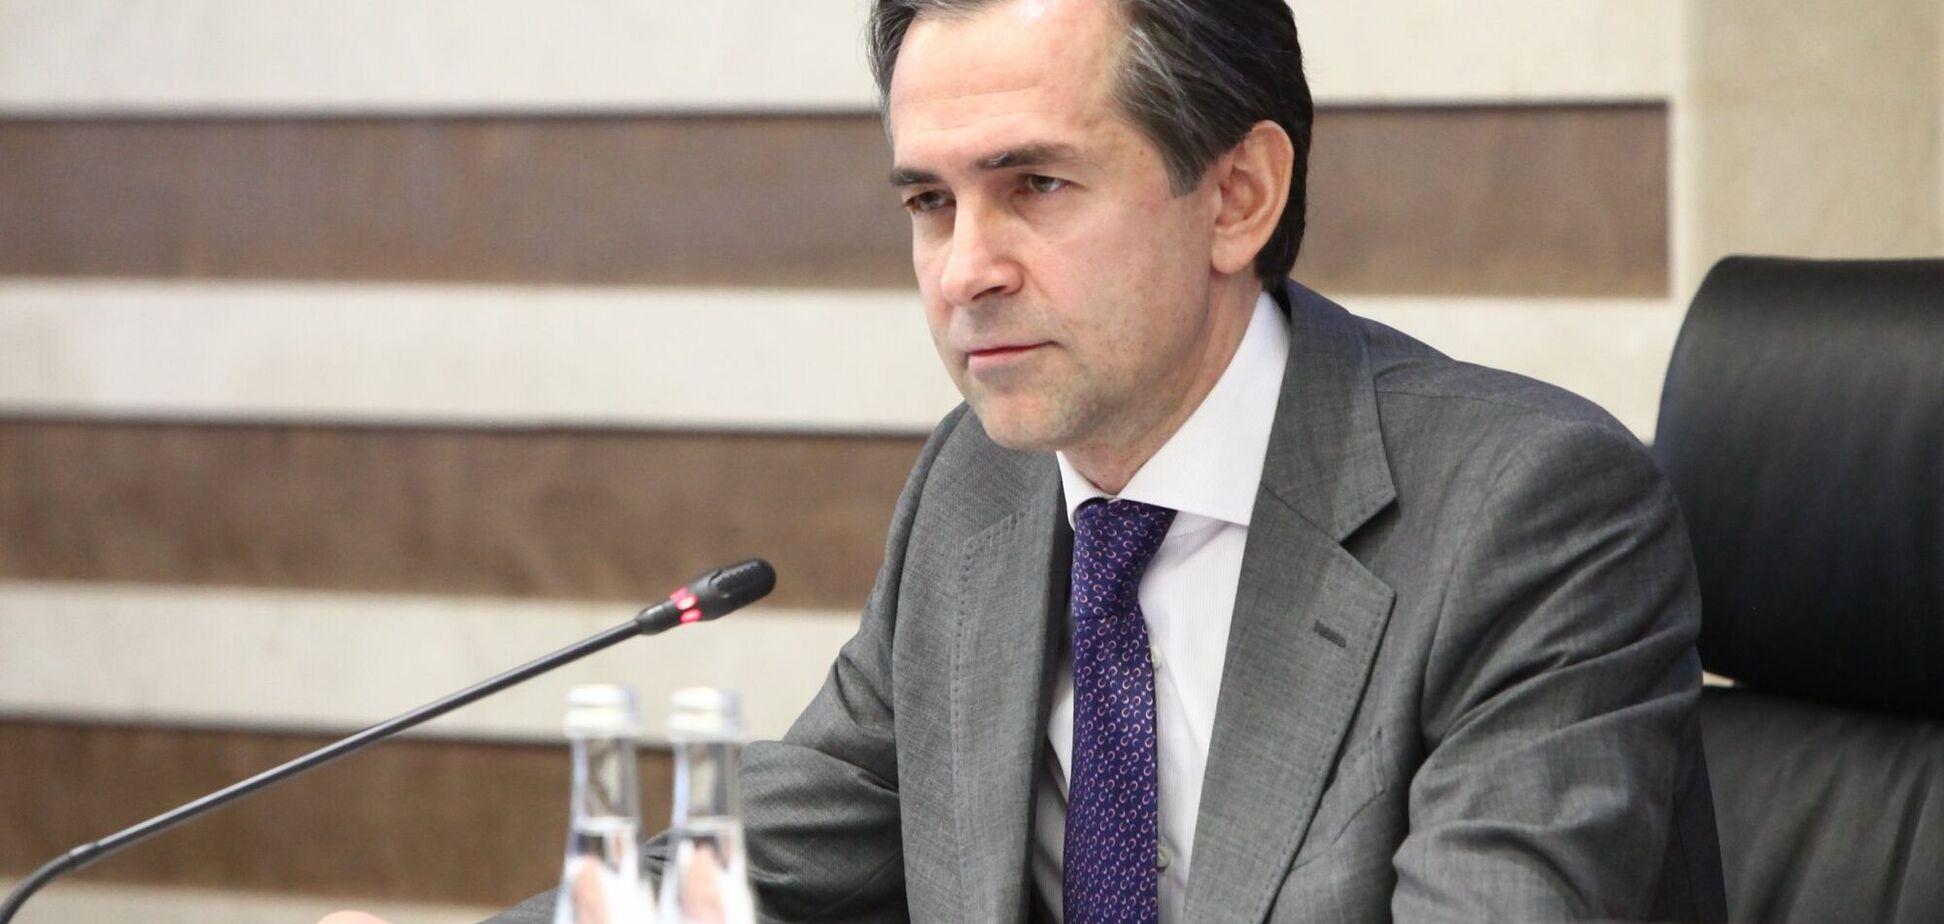 Кабмін призначив Любченка главою податкової на 5 років